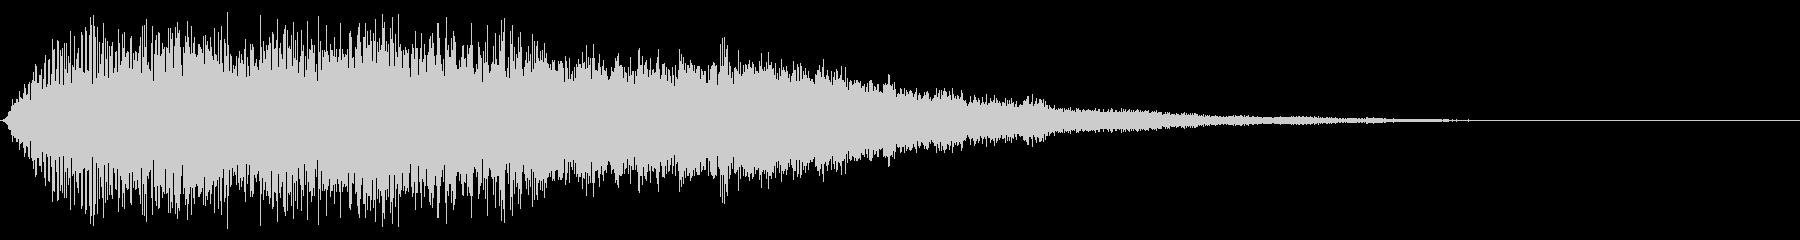 詳細な移行またはロゴの未再生の波形